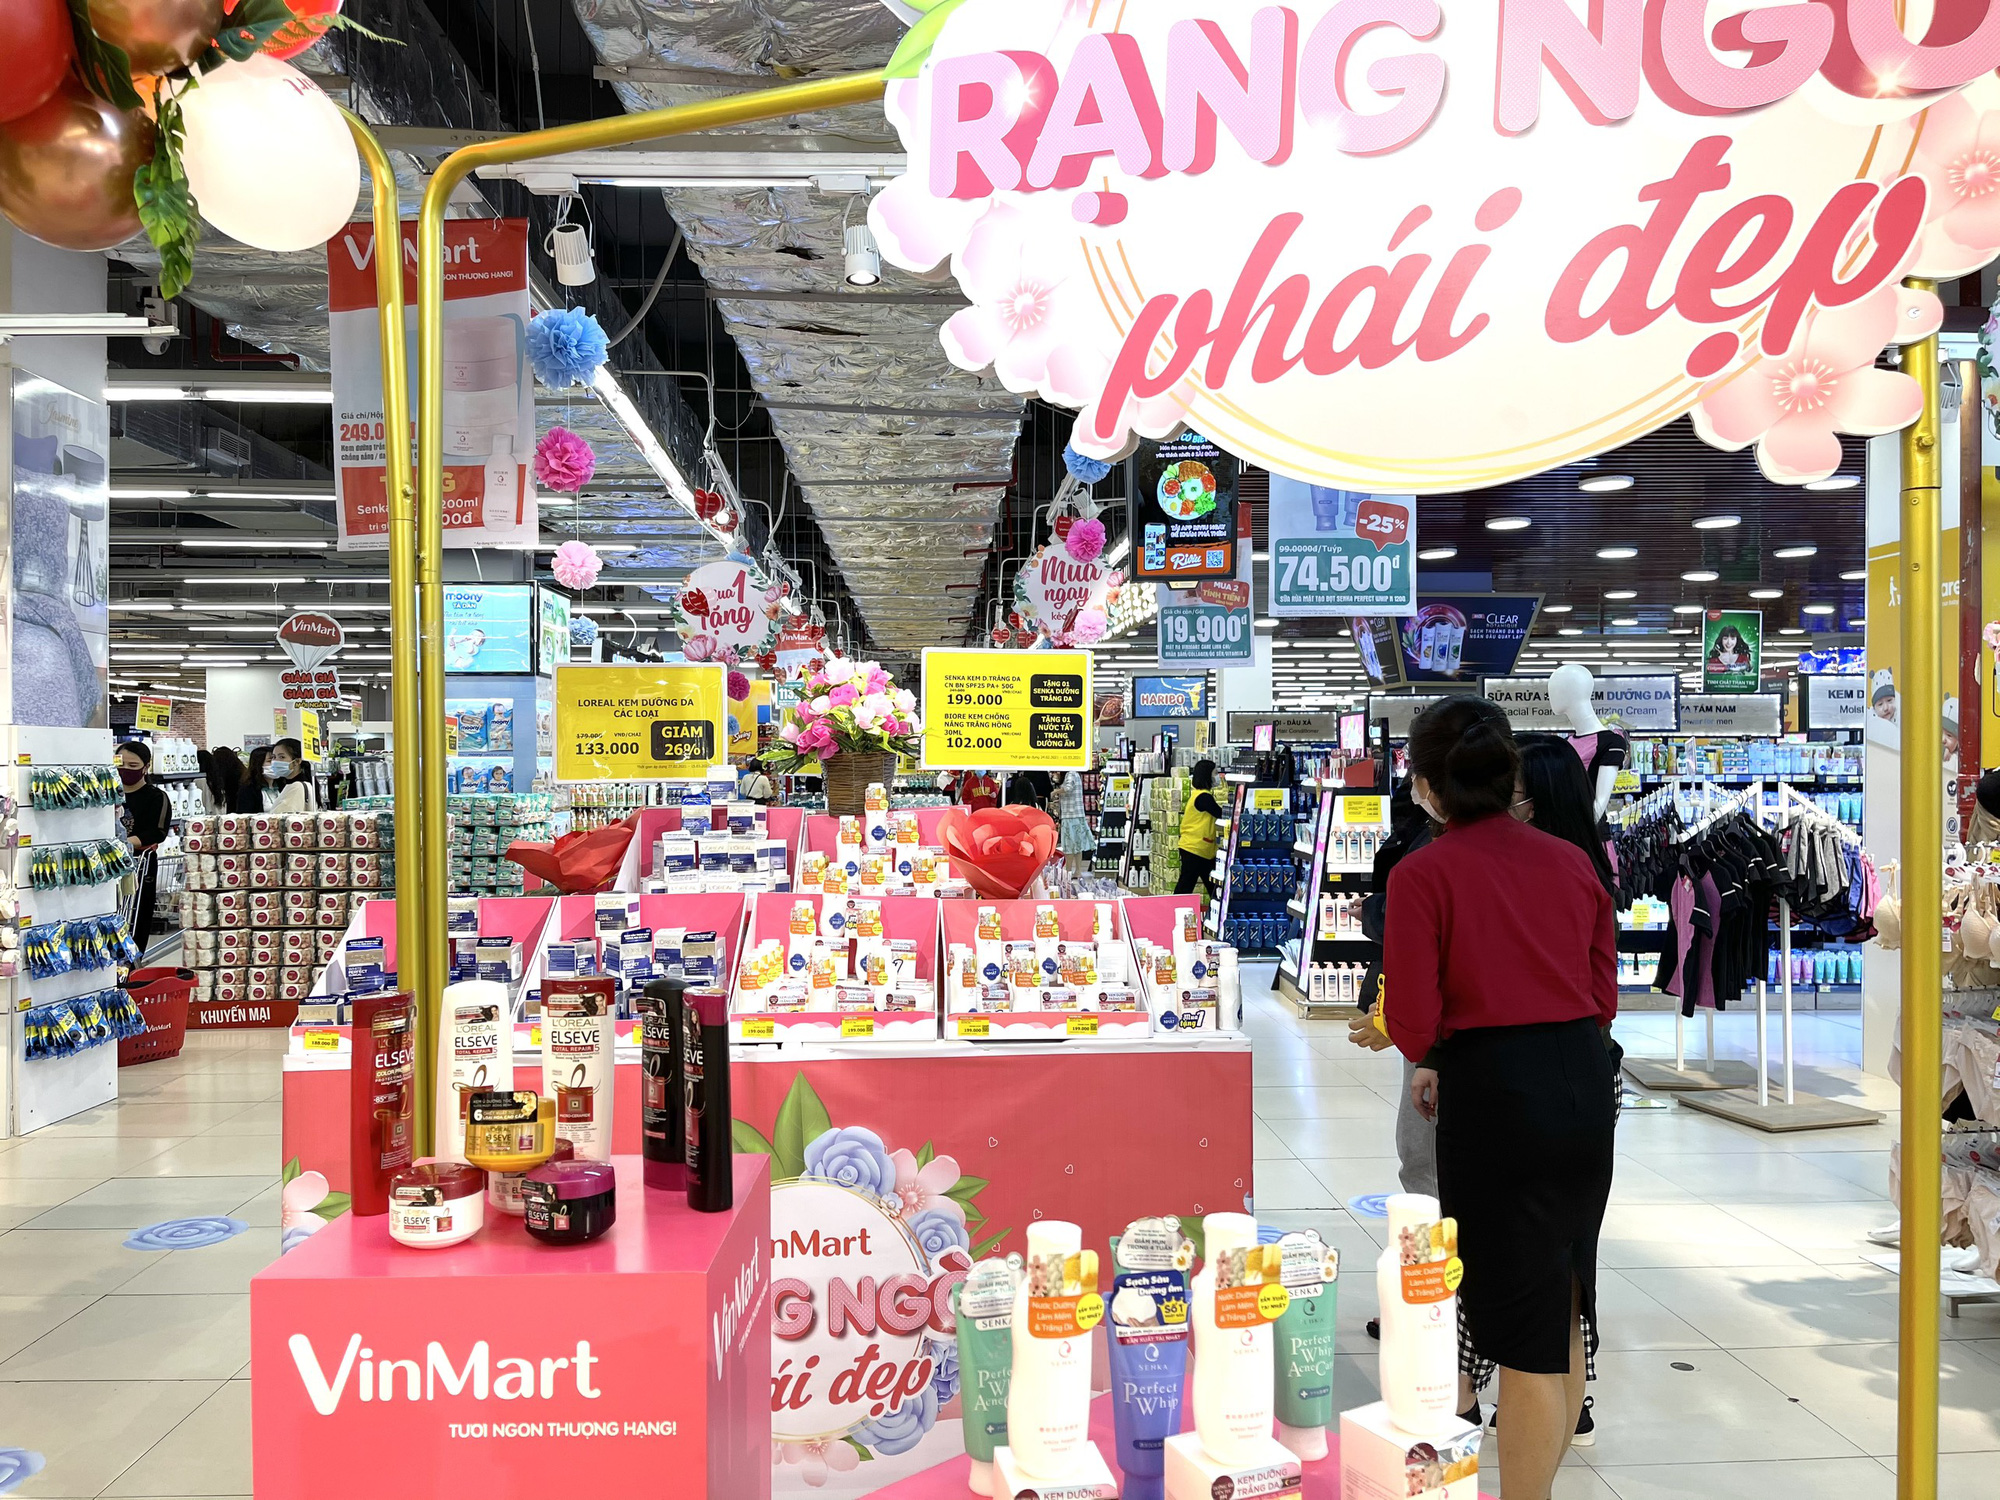 Ngày Quốc tế Phụ nữ 8/3: VinMart/VinMart  gợi ý bí kíp chọn quà 8/3 được lòng phái đẹp - Ảnh 5.